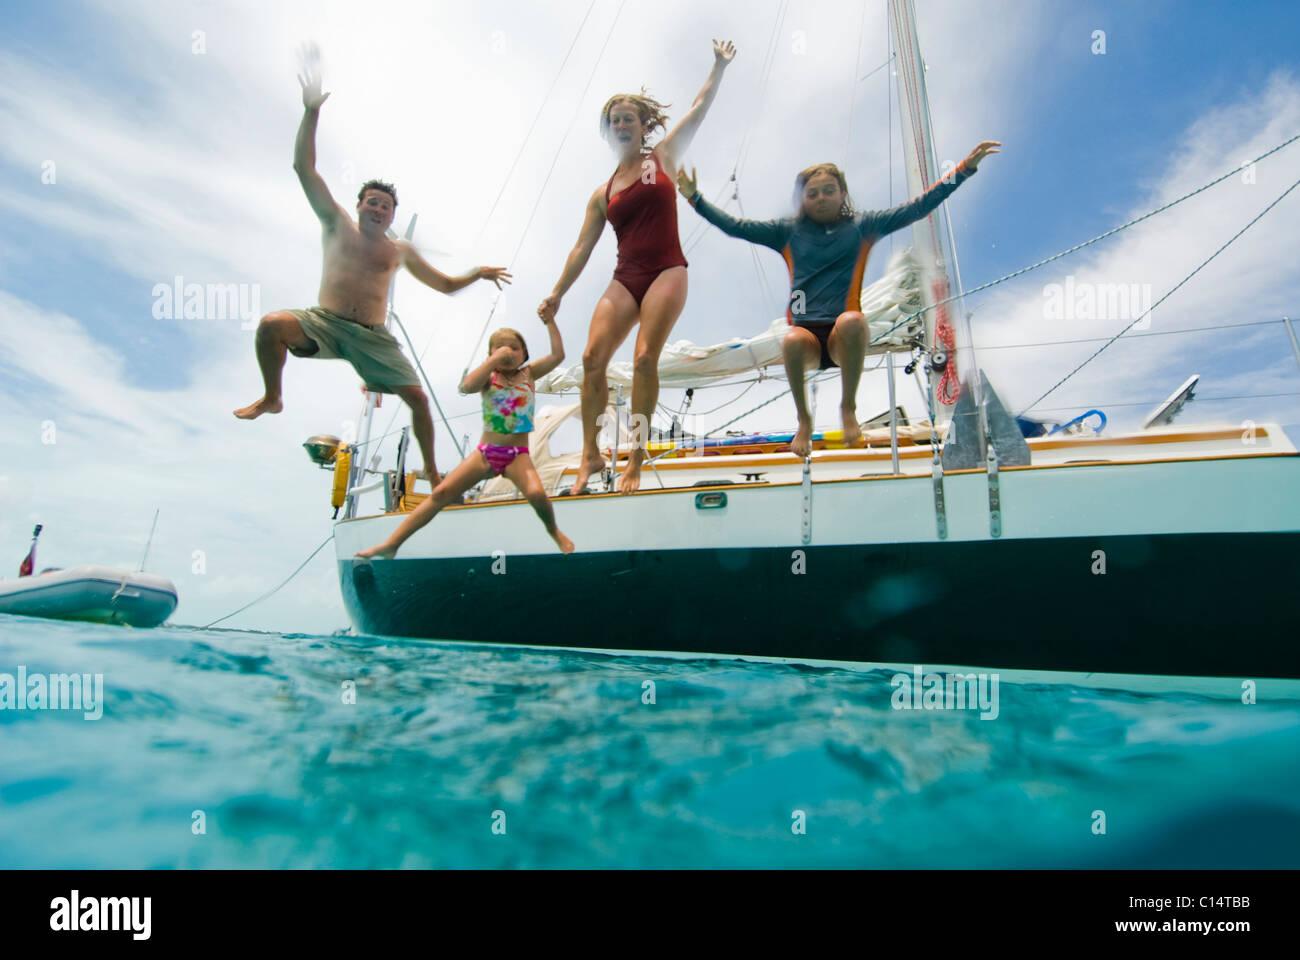 Una familia saltando de su barco Imagen De Stock